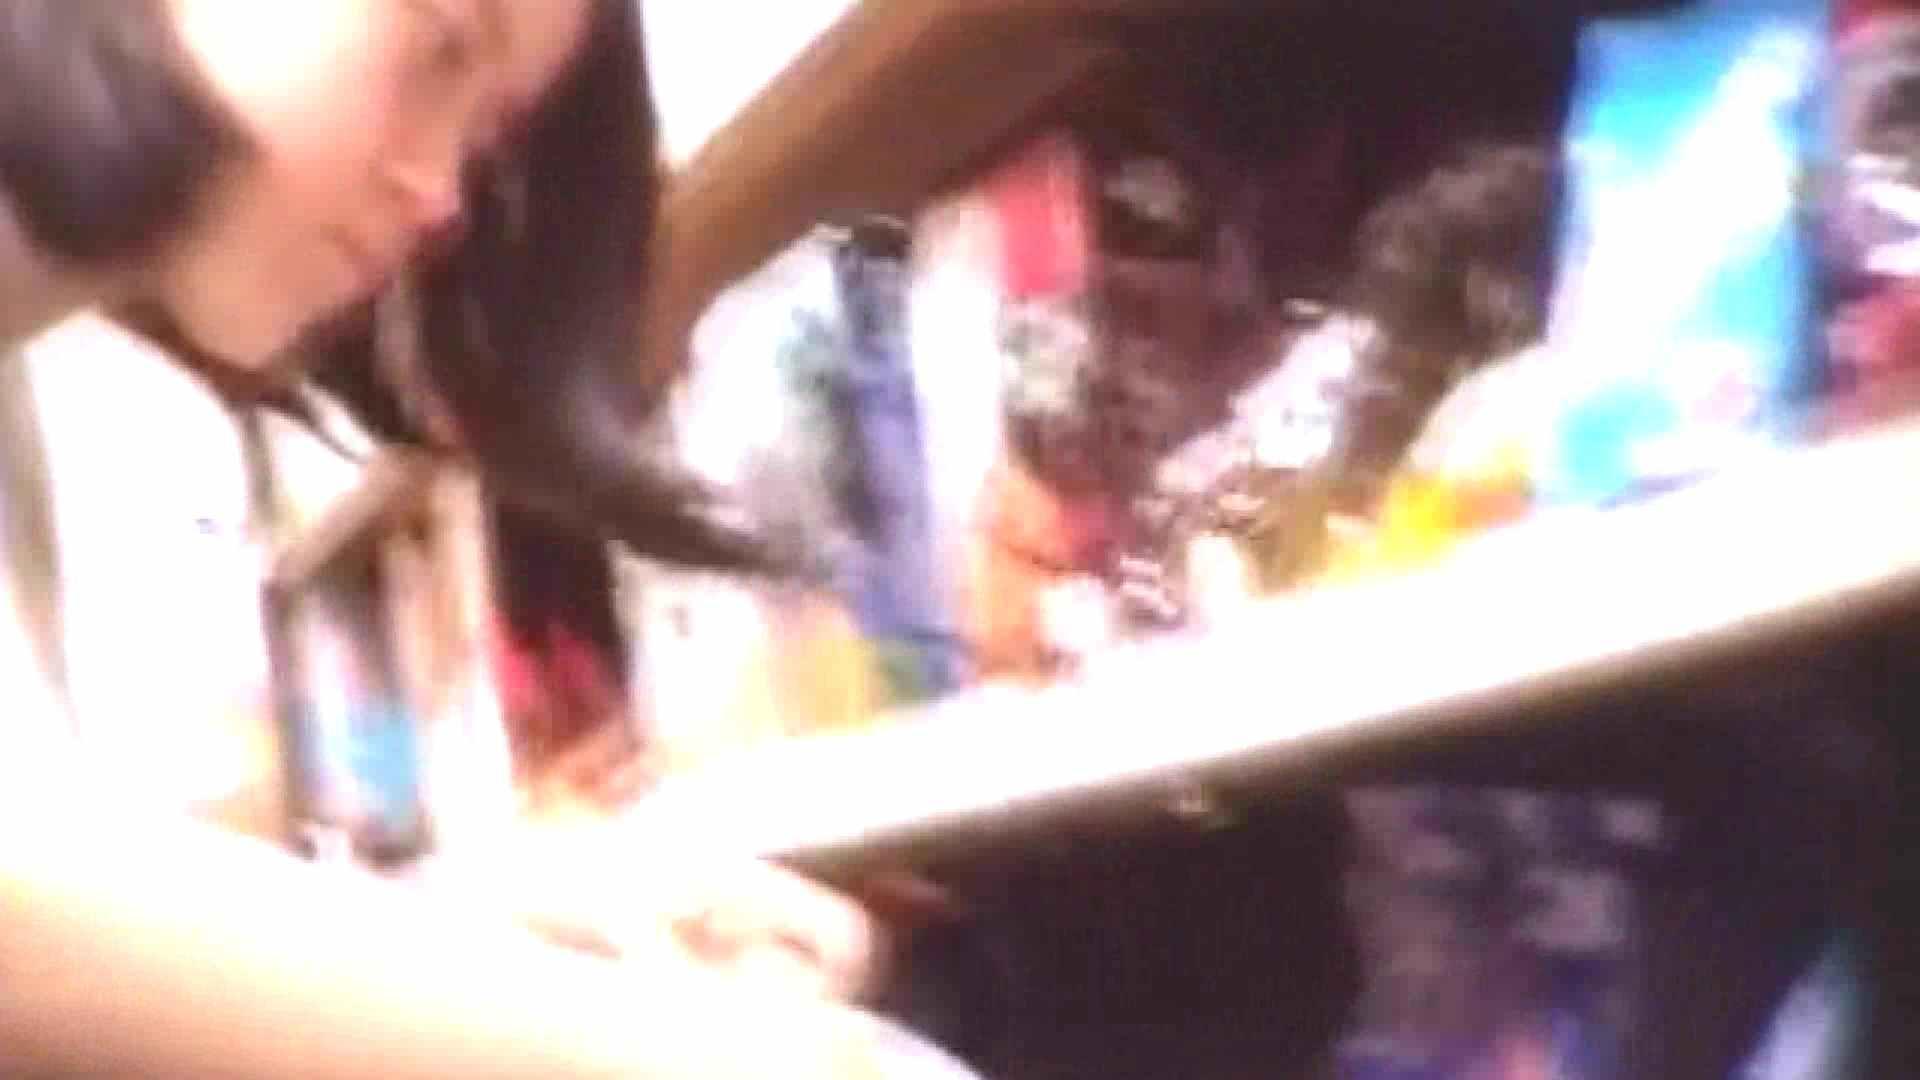 真剣に買い物中のgal達を上から下から狙います。vol.02 チラ系  32連発 14